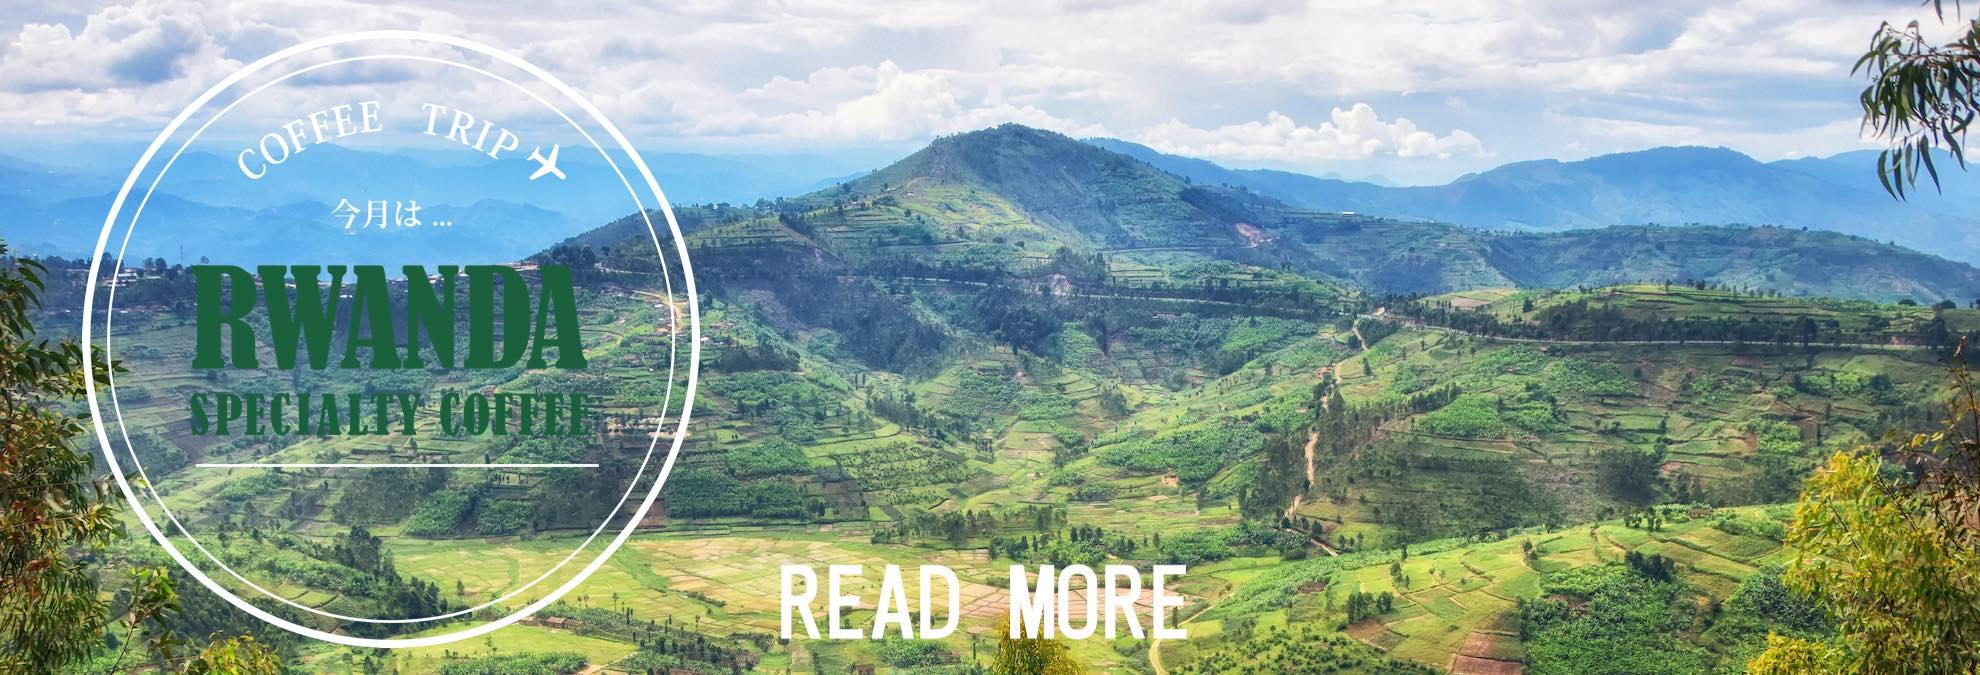 ケニアスペシャルティコーヒー カリアイニAA